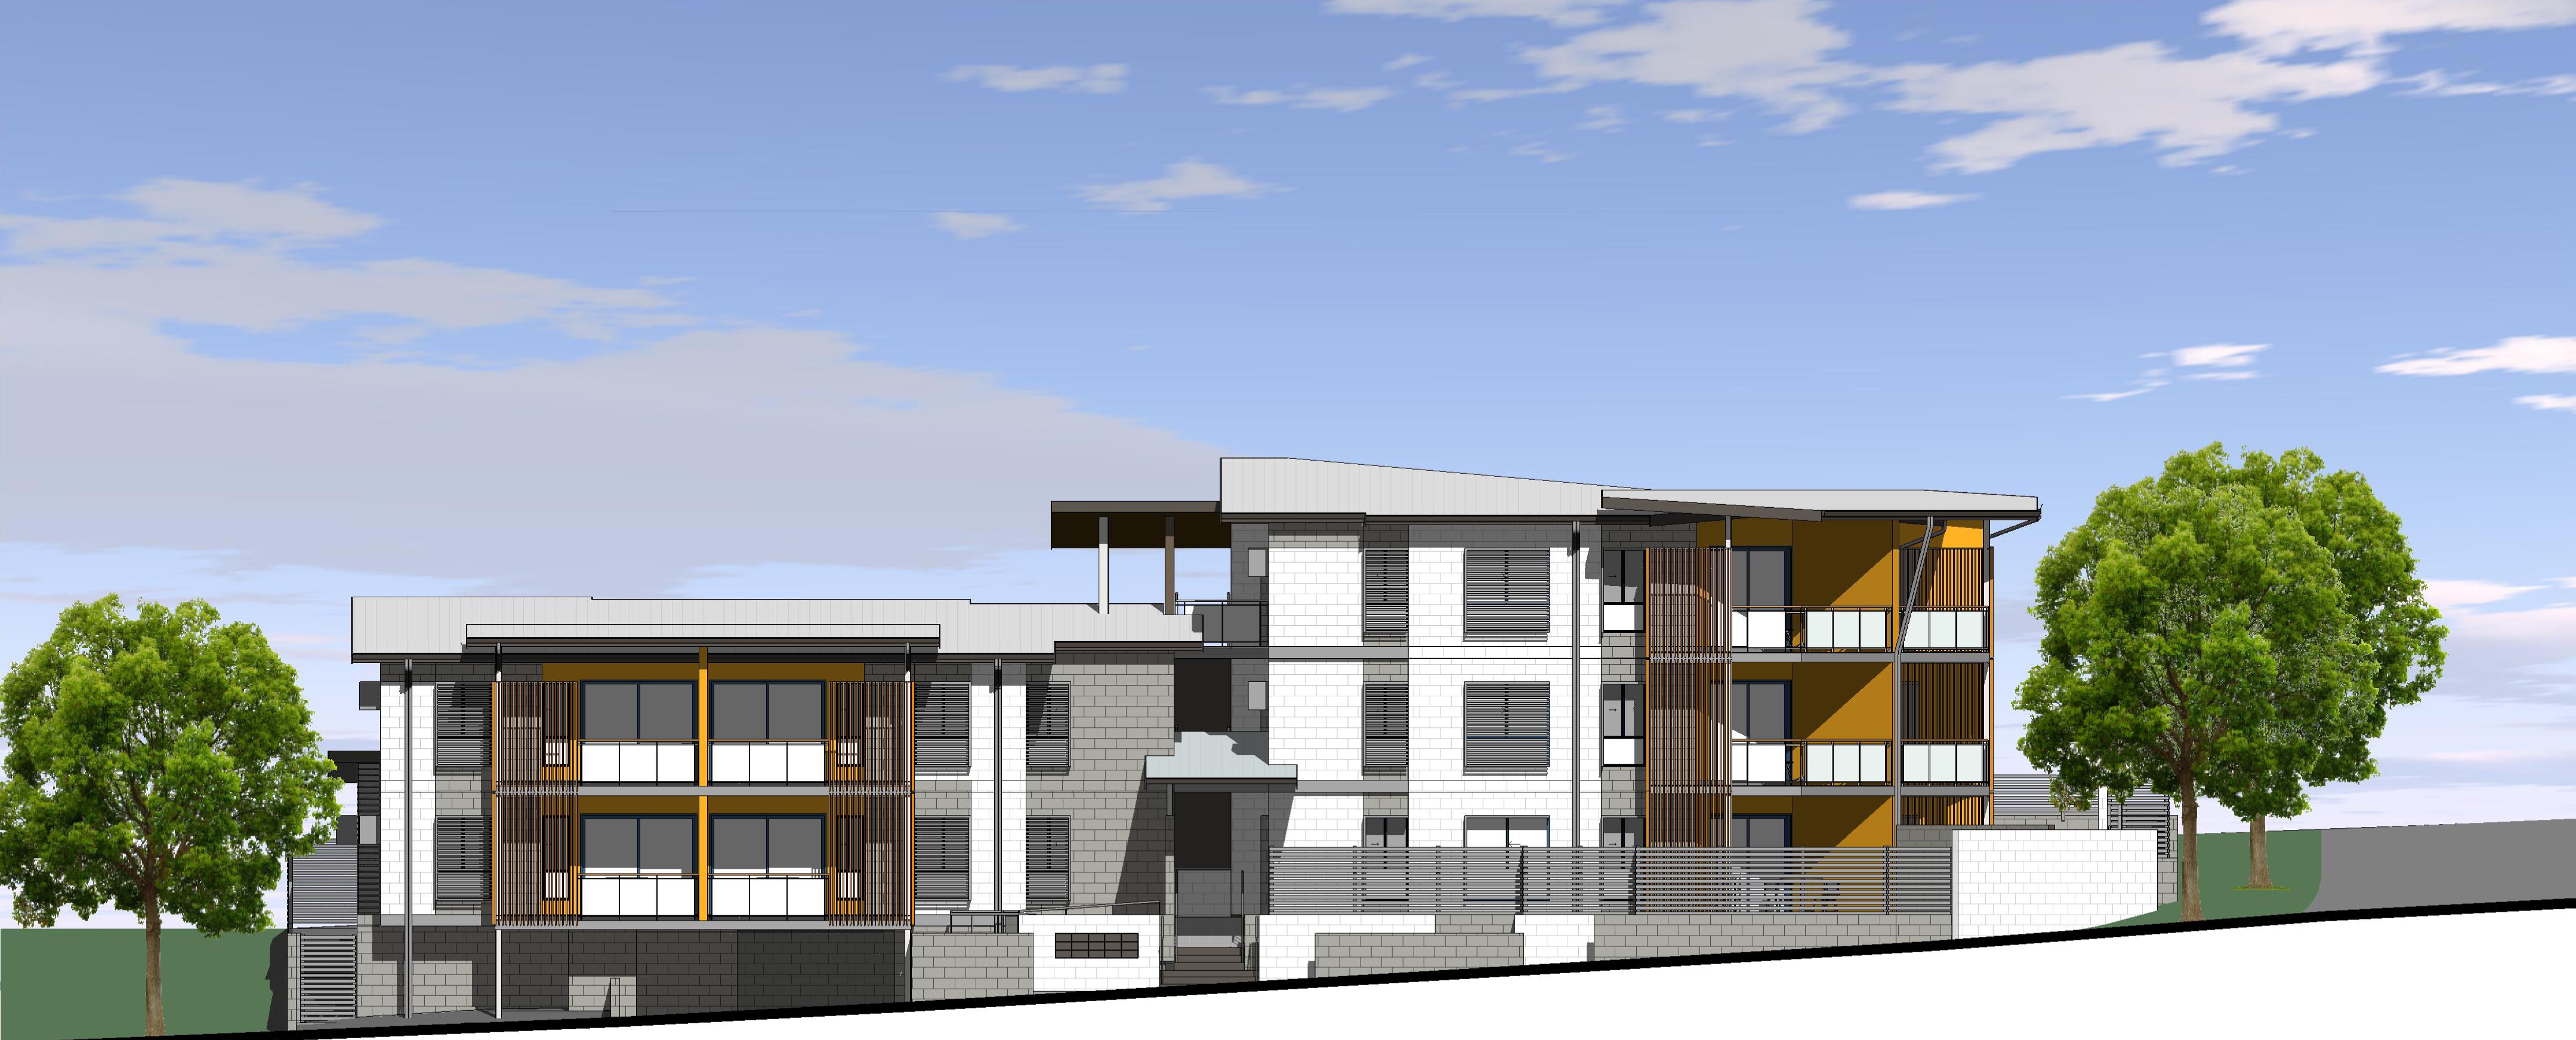 Murrarie Apartments